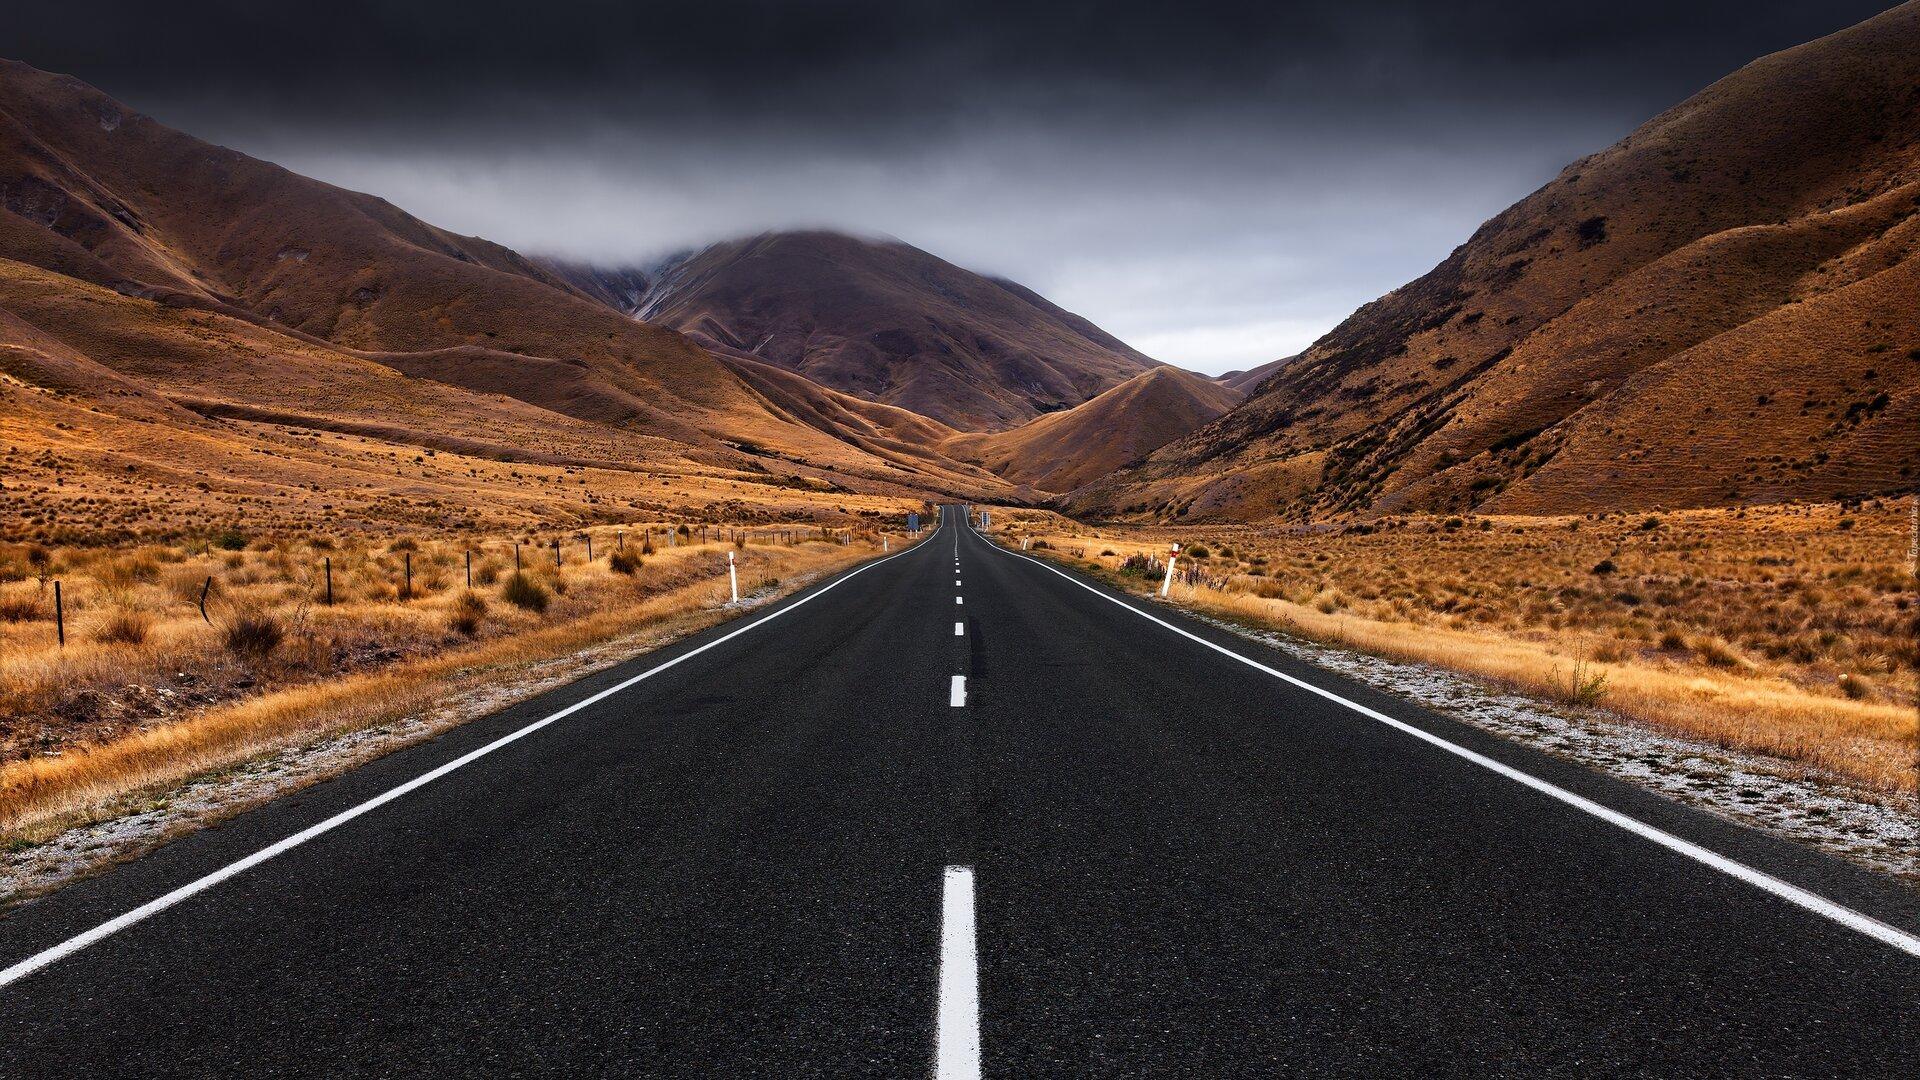 Ilustracja przedstawia drogę pomiędzy górami.